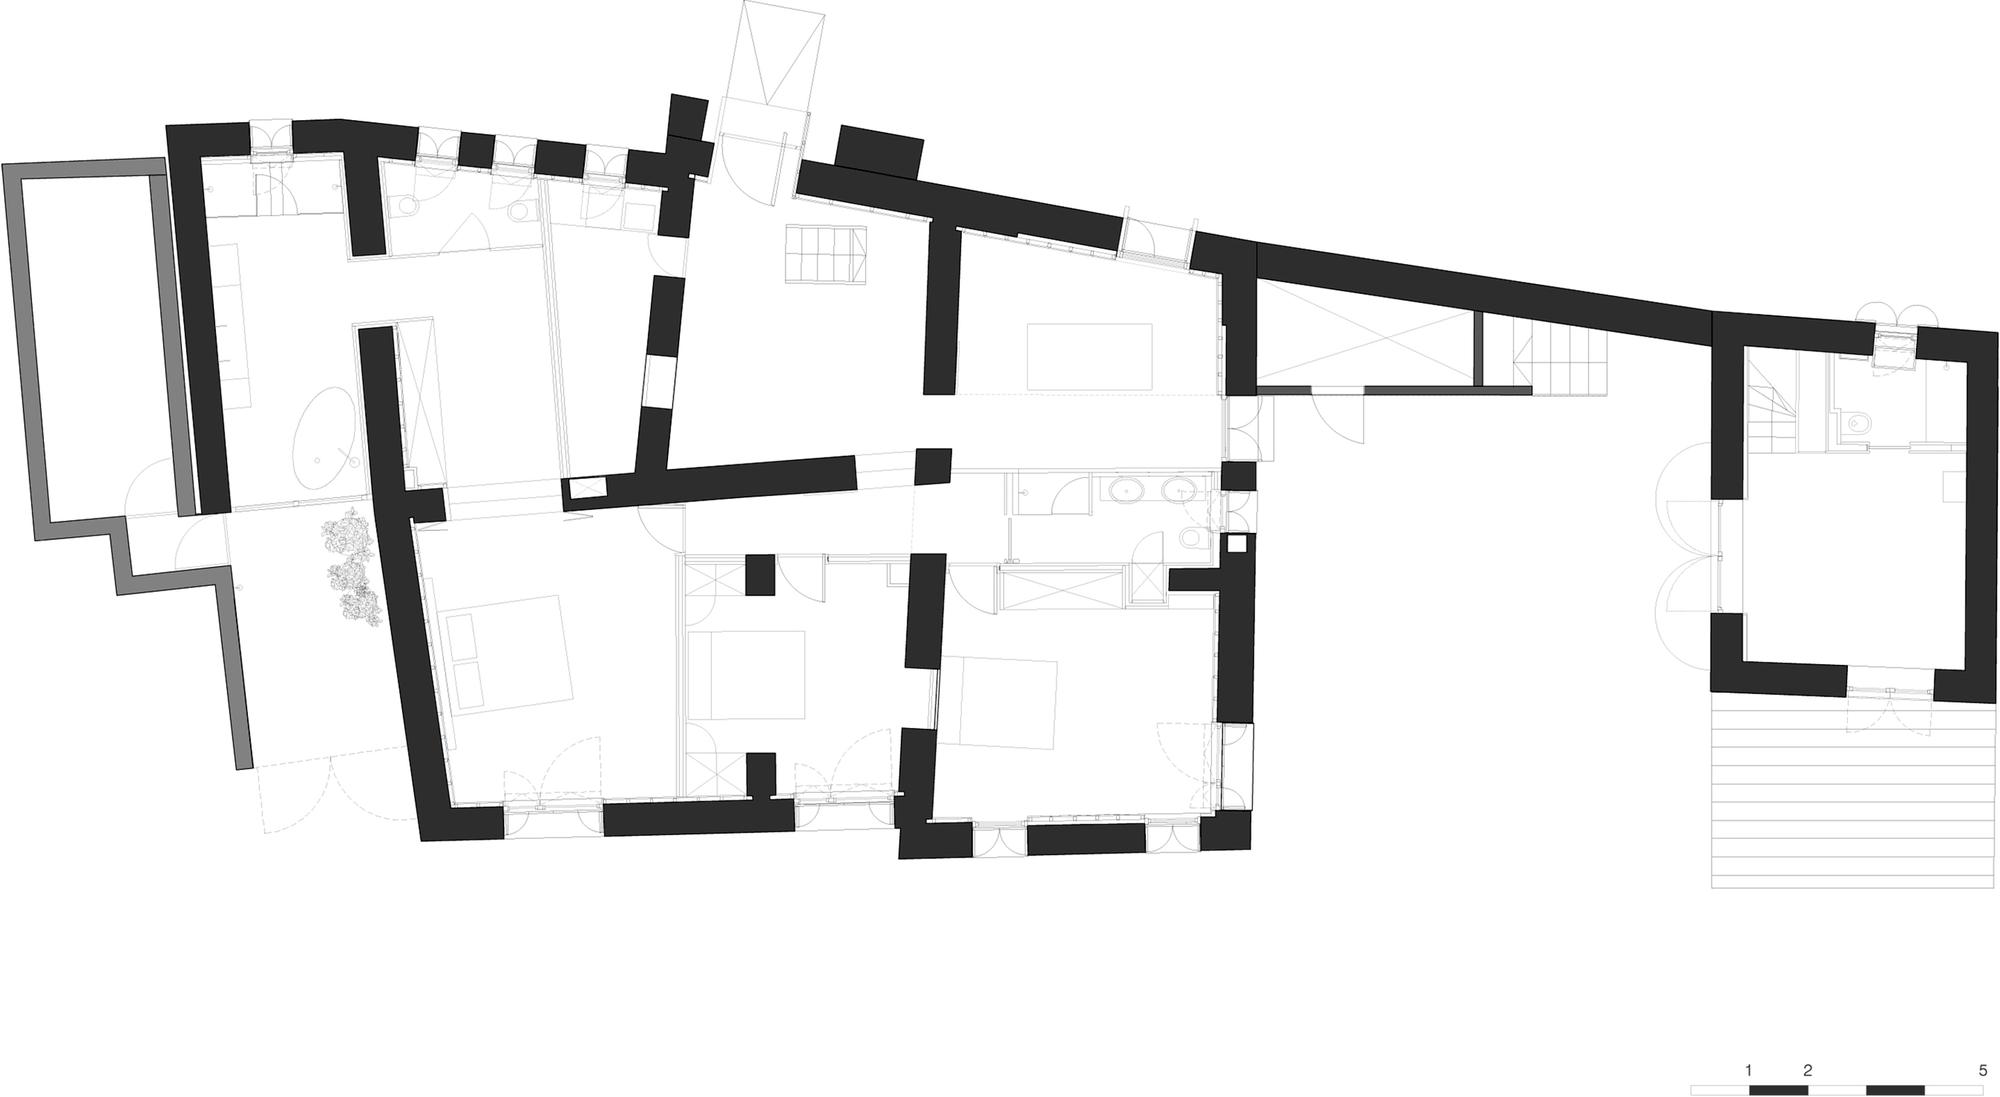 537194b9c07a80c692000054_villa-cp-zest-architecture_villa_cp_ground_floor